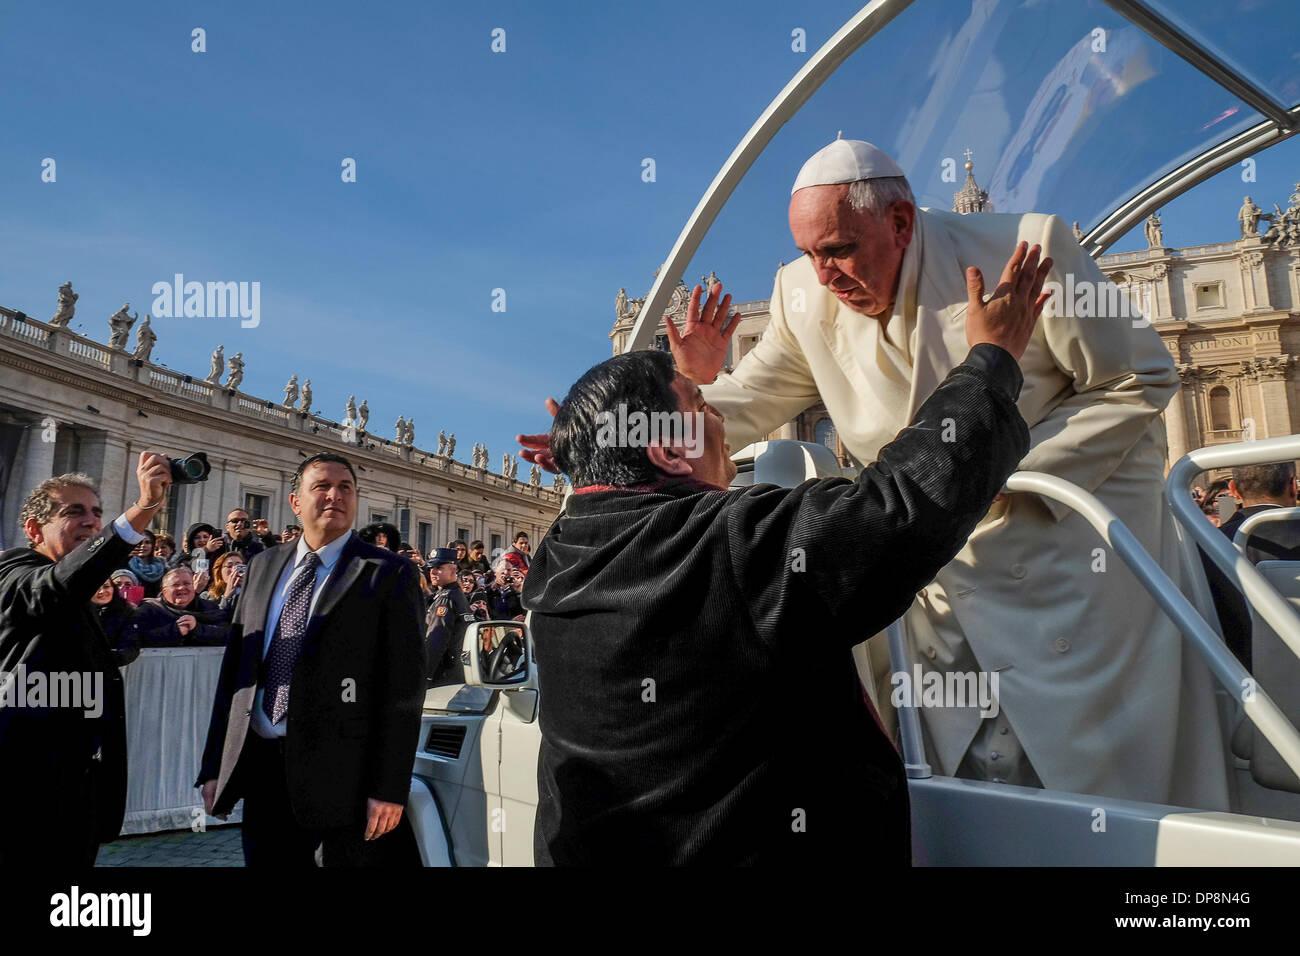 Vaticano, Roma, Italia. 08 ene, 2014. El Papa Francisco reconocer un viejo amigo en la muchedumbre, Rev. Fabian Foto de stock